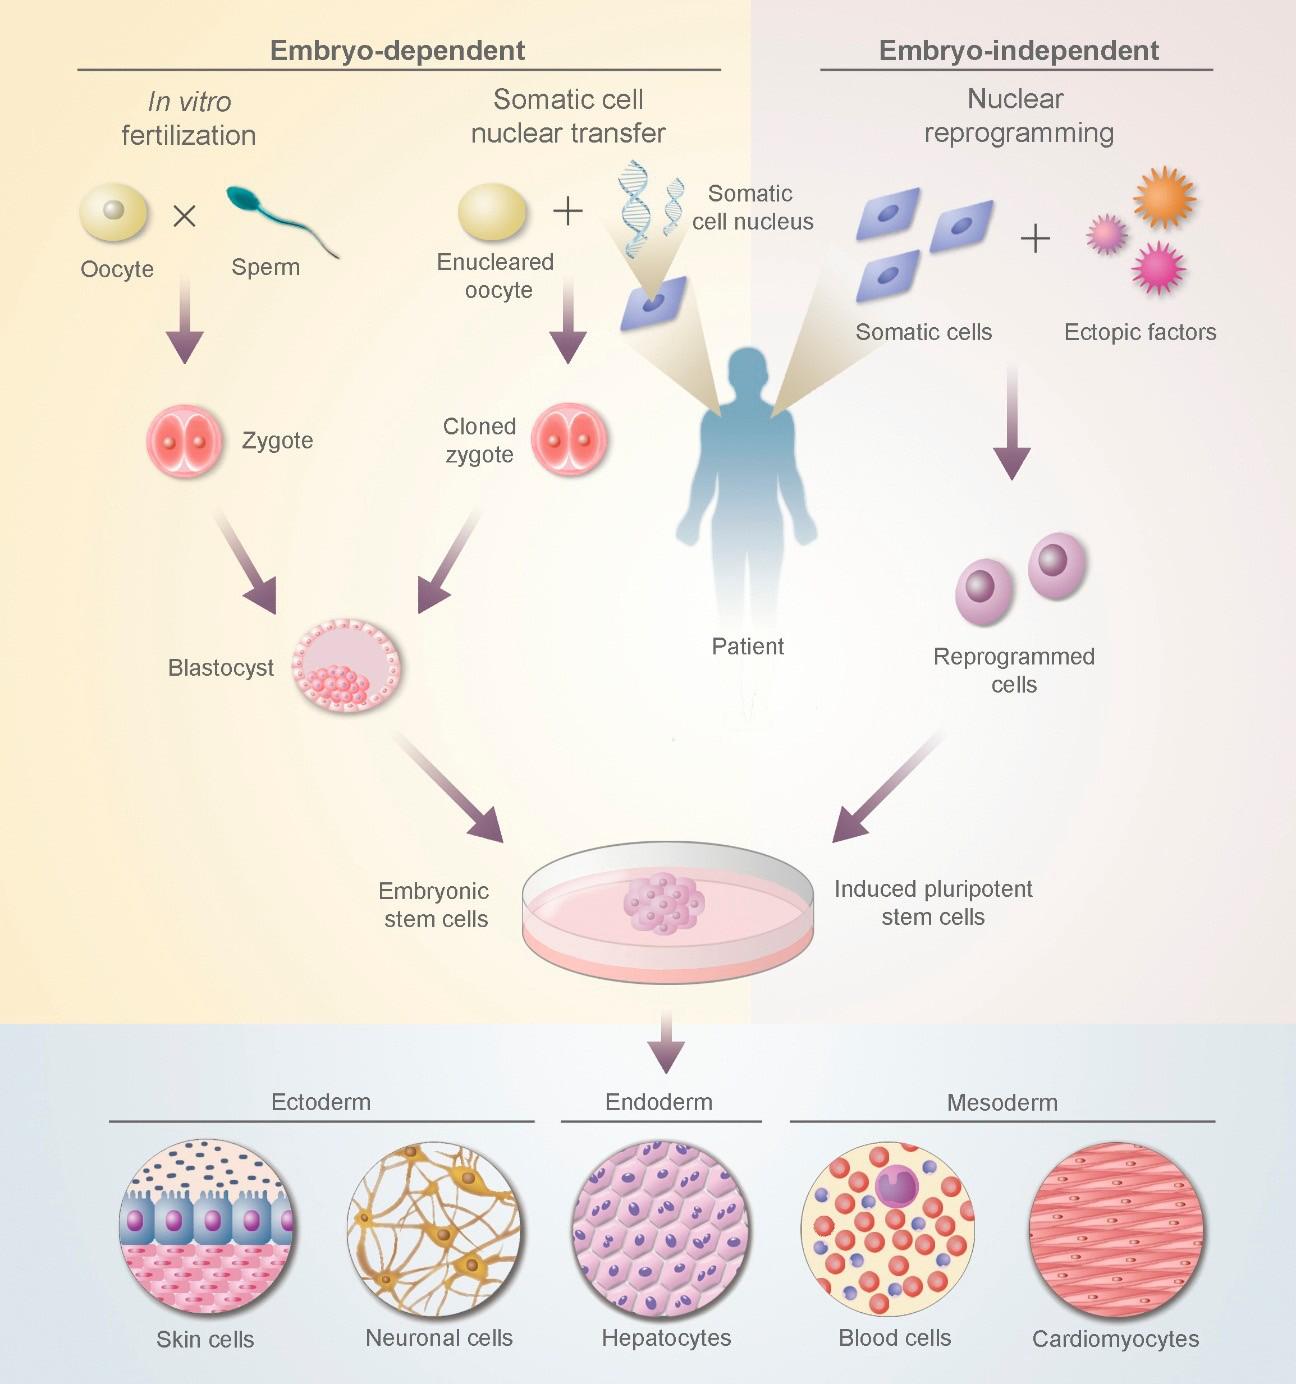 胚胎干细胞和诱导性多能干细胞的产生.png